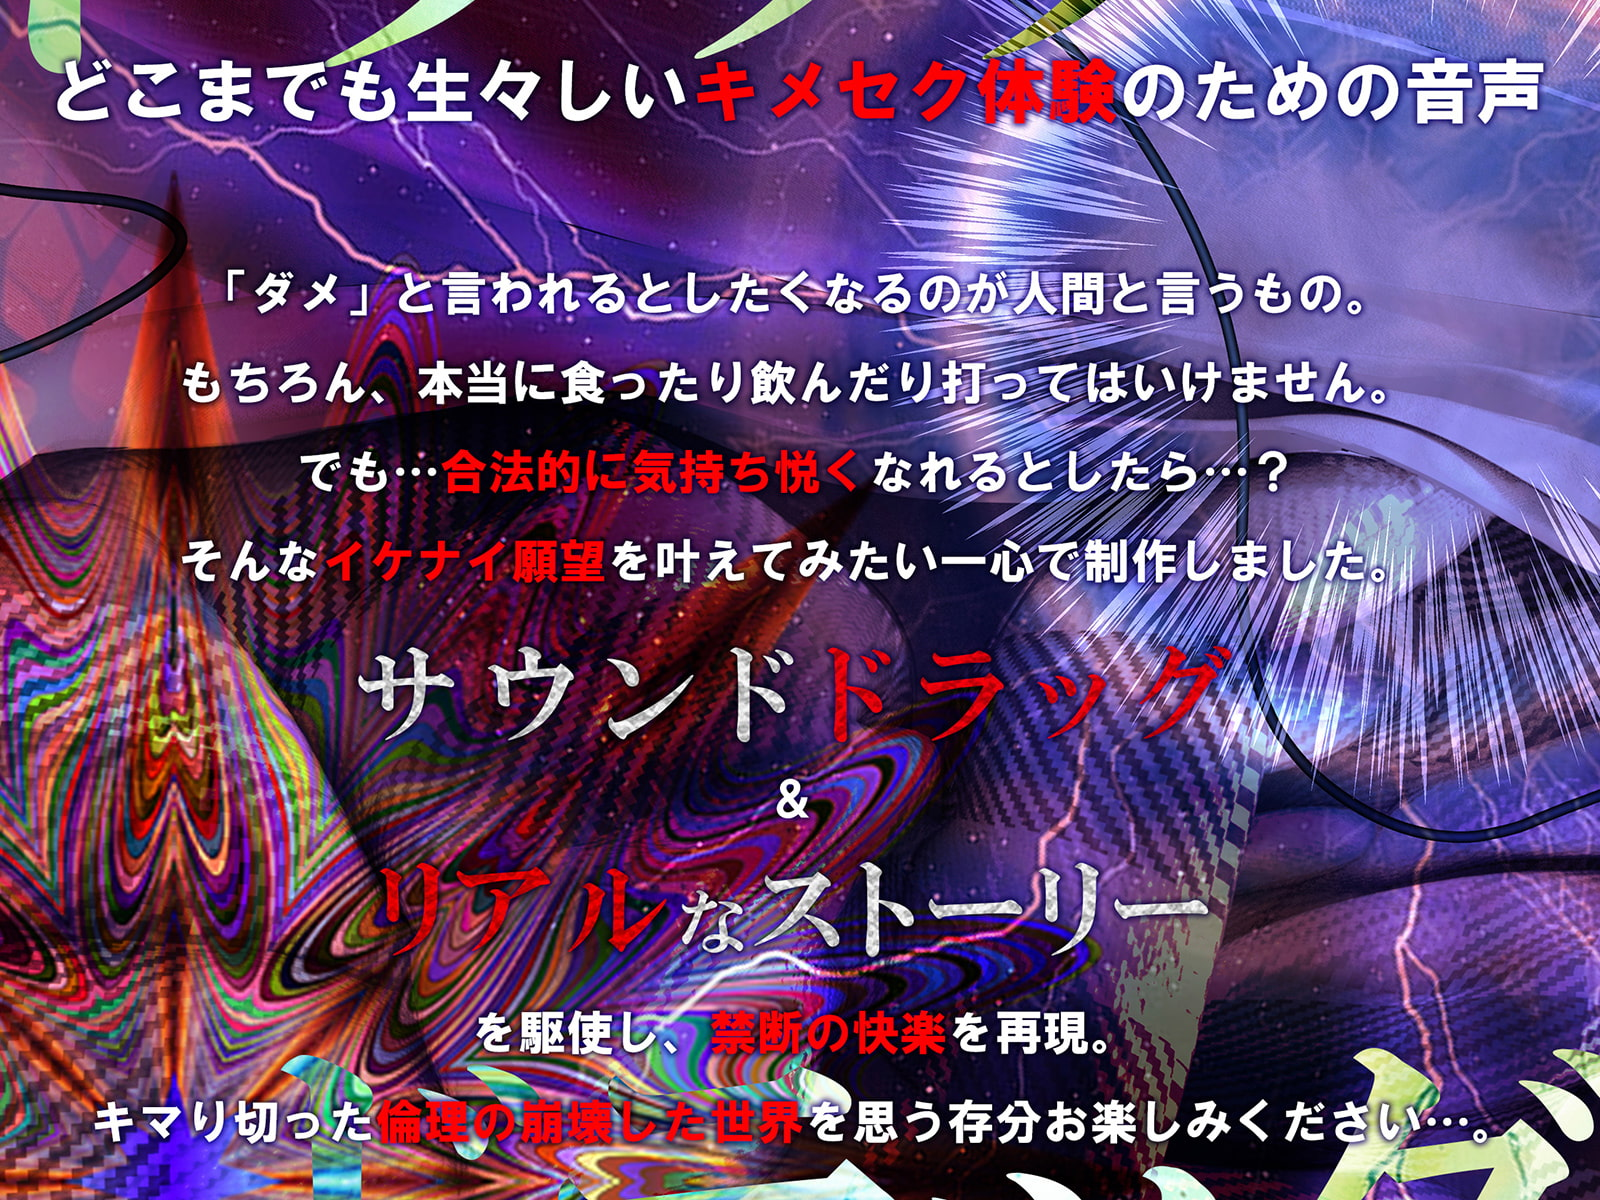 キメセクレイパー~性本能ヲ開放セヨ~ [シロイルカ]